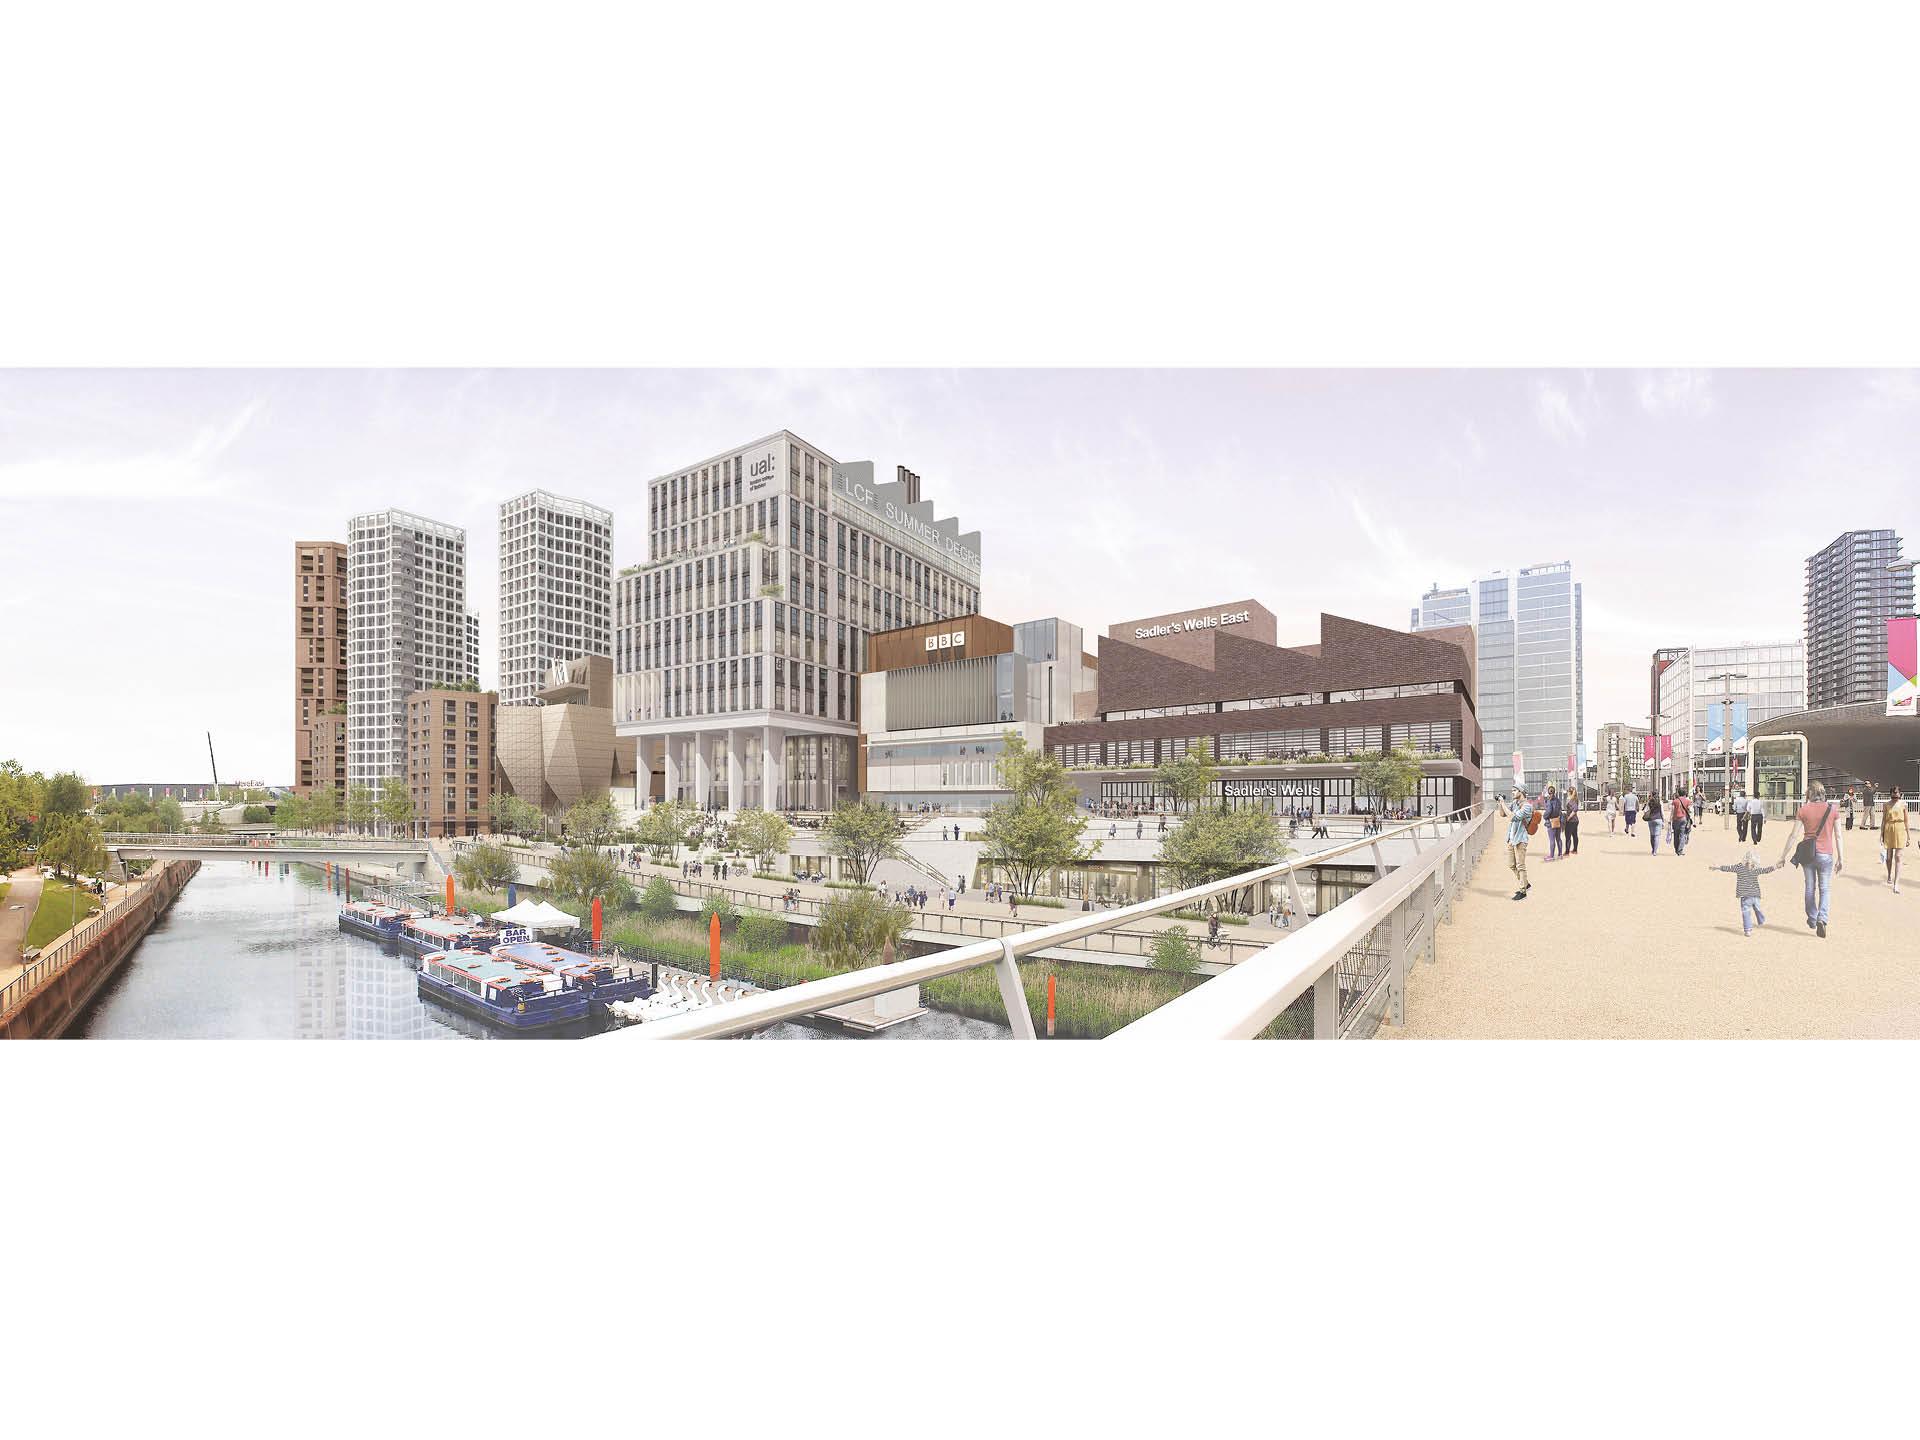 Stratford Waterfront masterplan